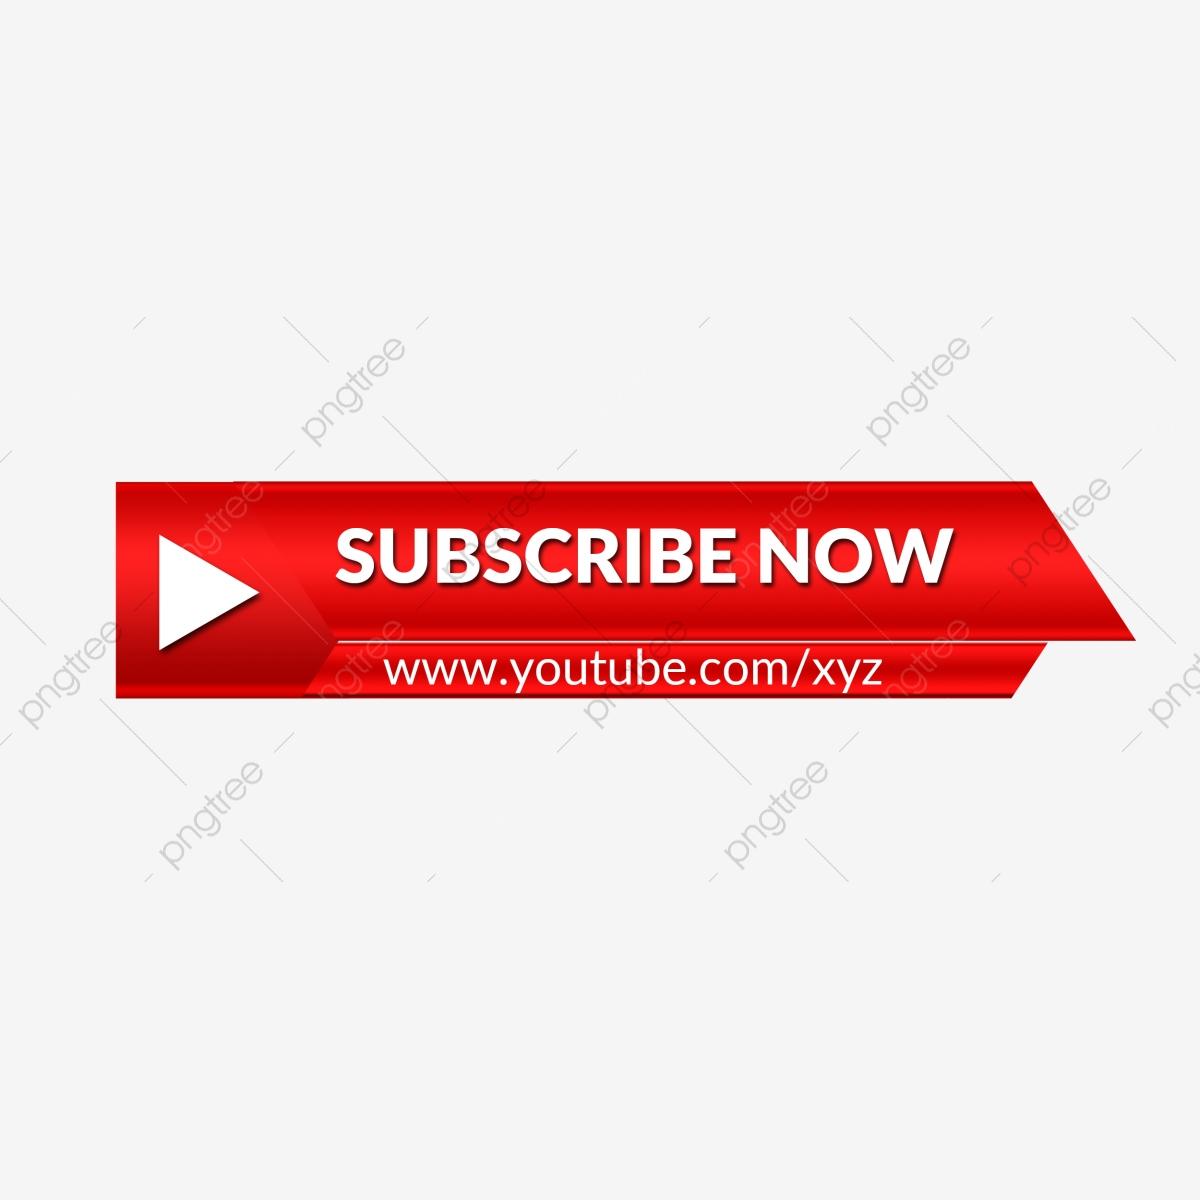 Youtube Inscrever Se Agora Botão ícone Atraente, Banner, Botão.